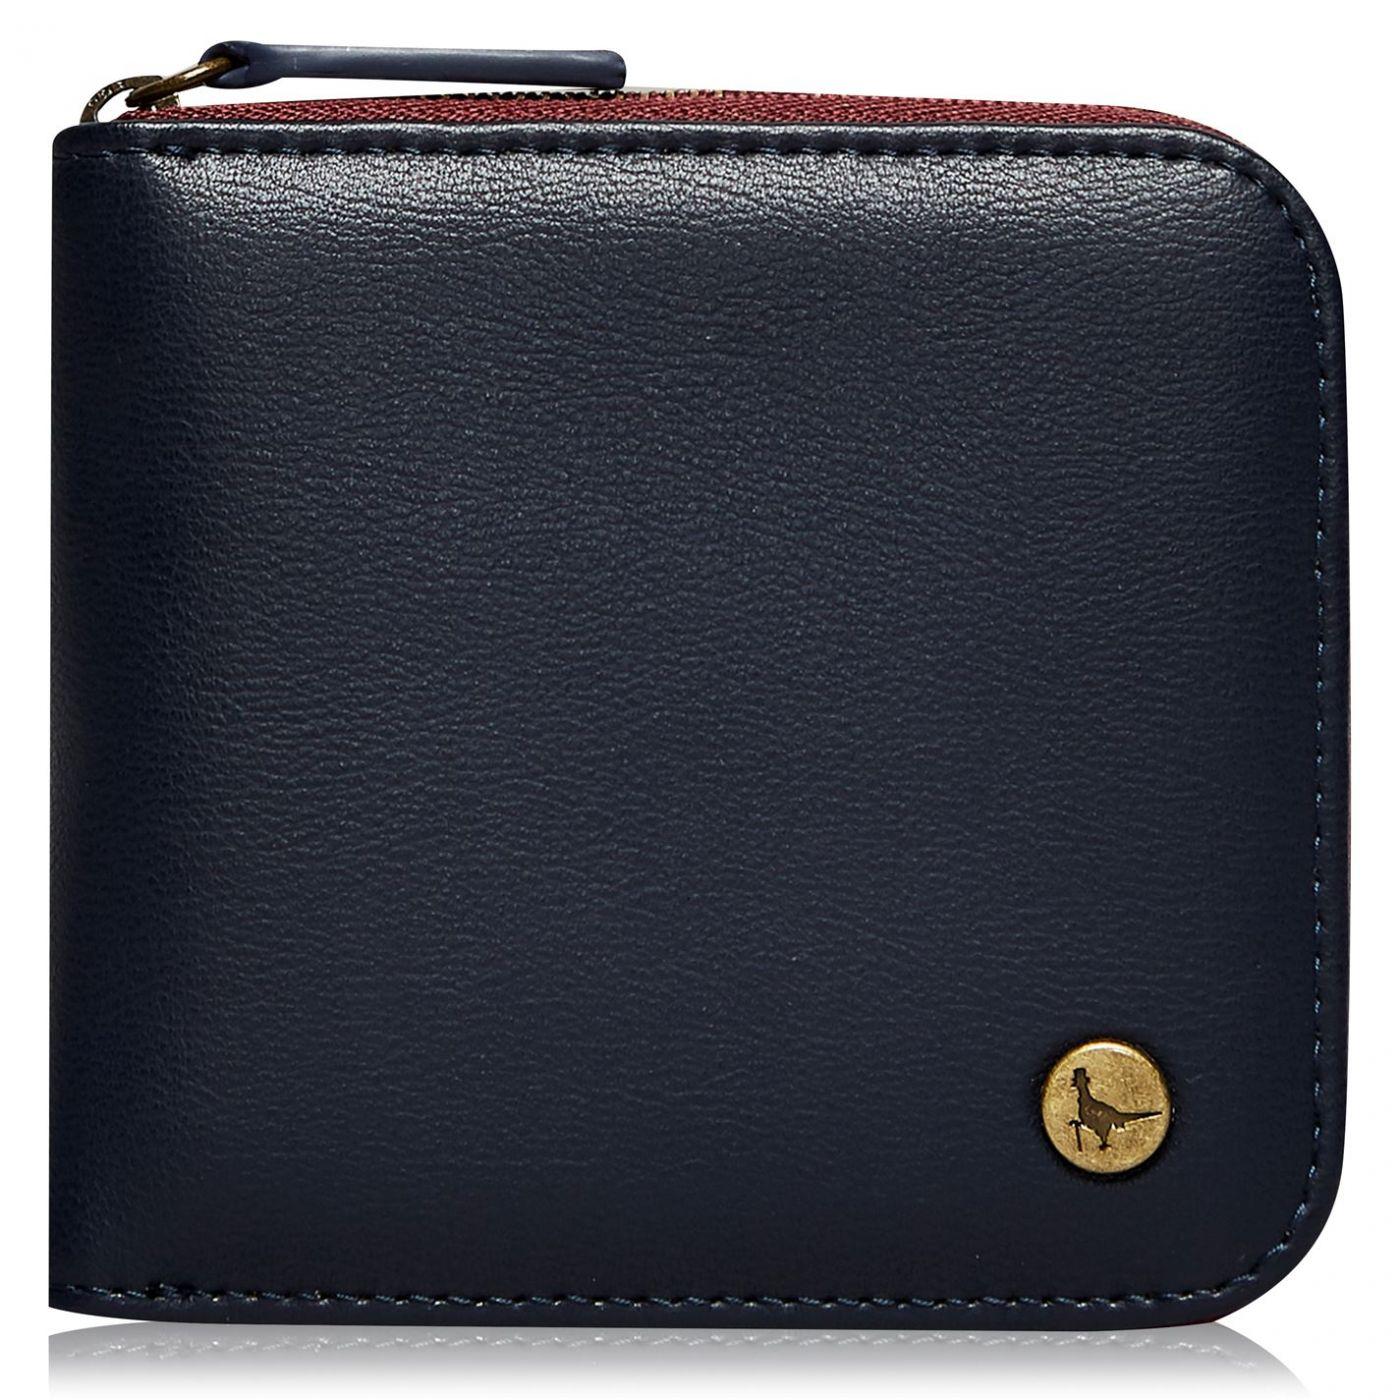 Jack Wills Farrington Half Zip Wallet